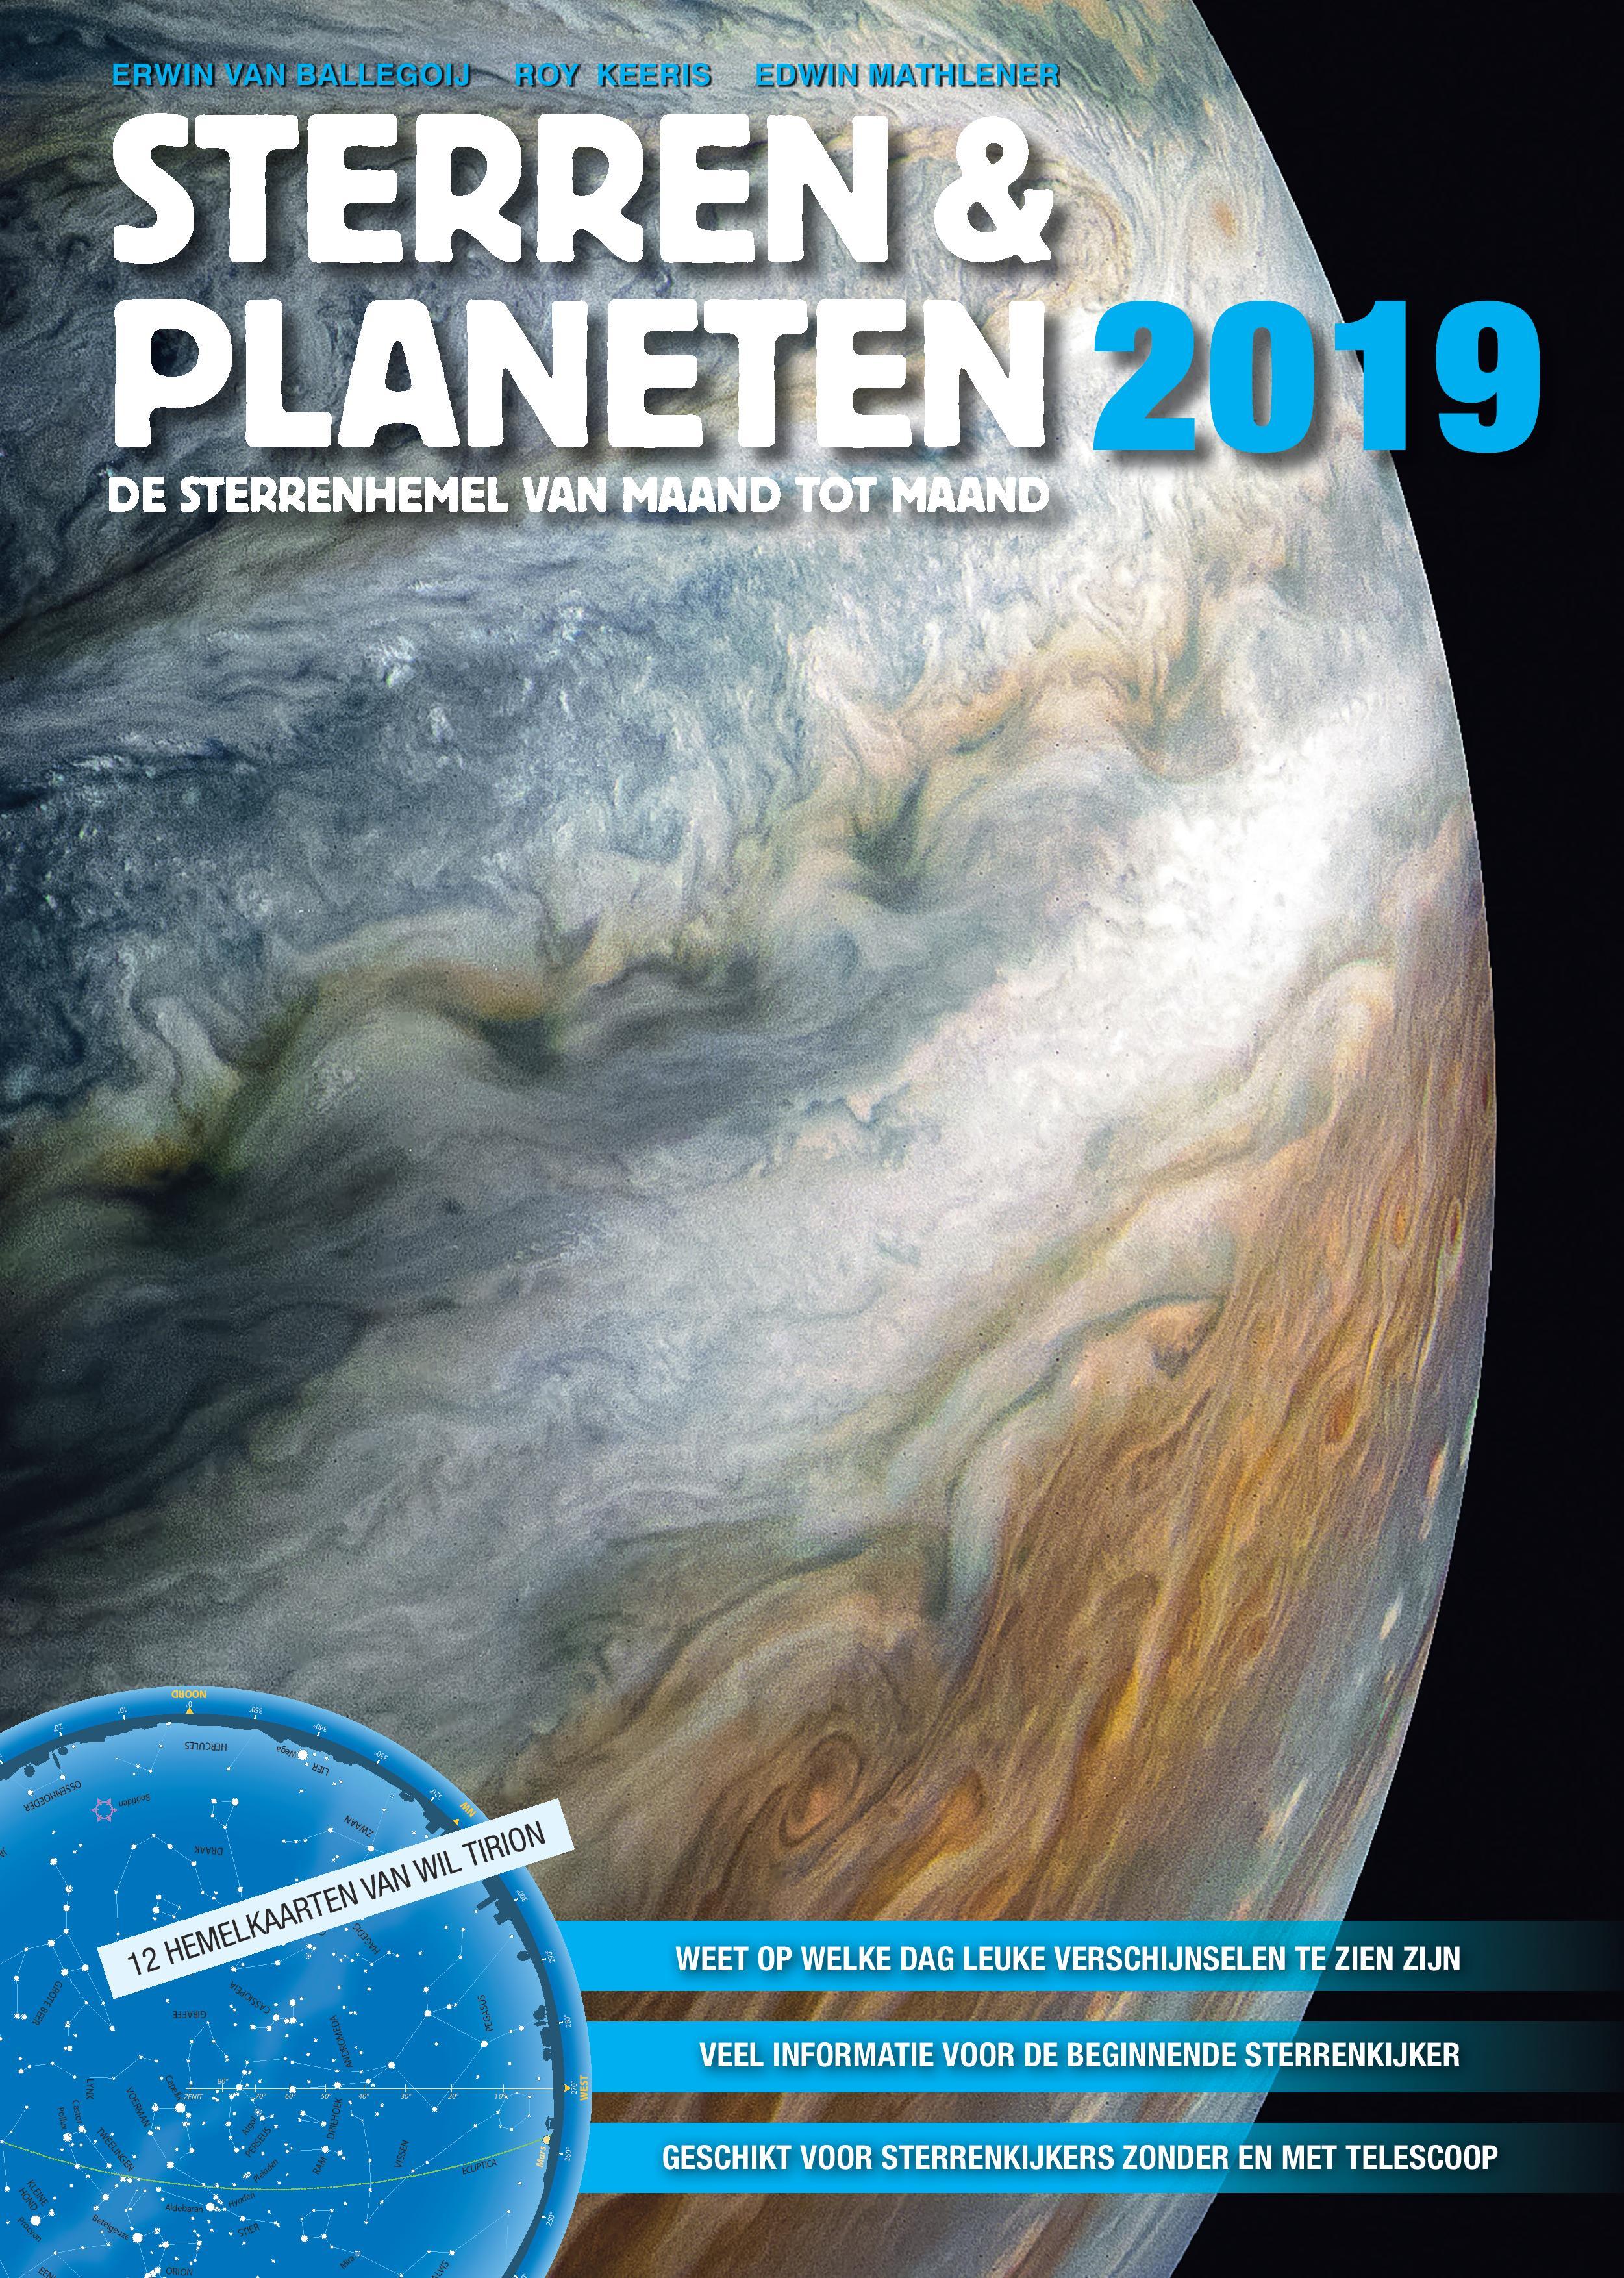 Sterren & Planeten 2019